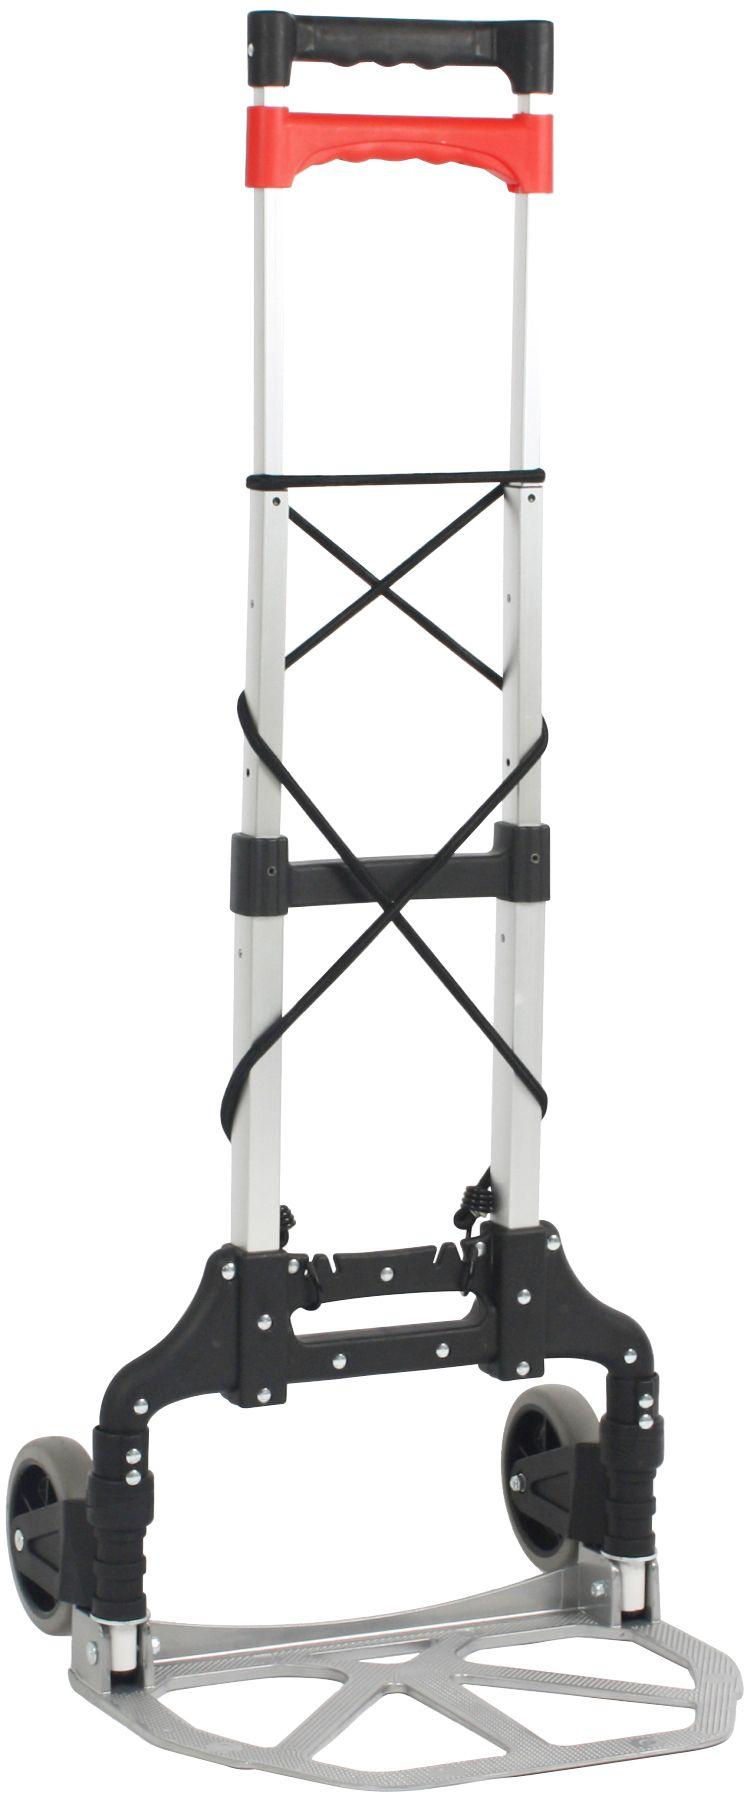 ATROX Sackkarre »faltbar«, Maße (eingeklappt): ca. 40 x 65 x 6 cm